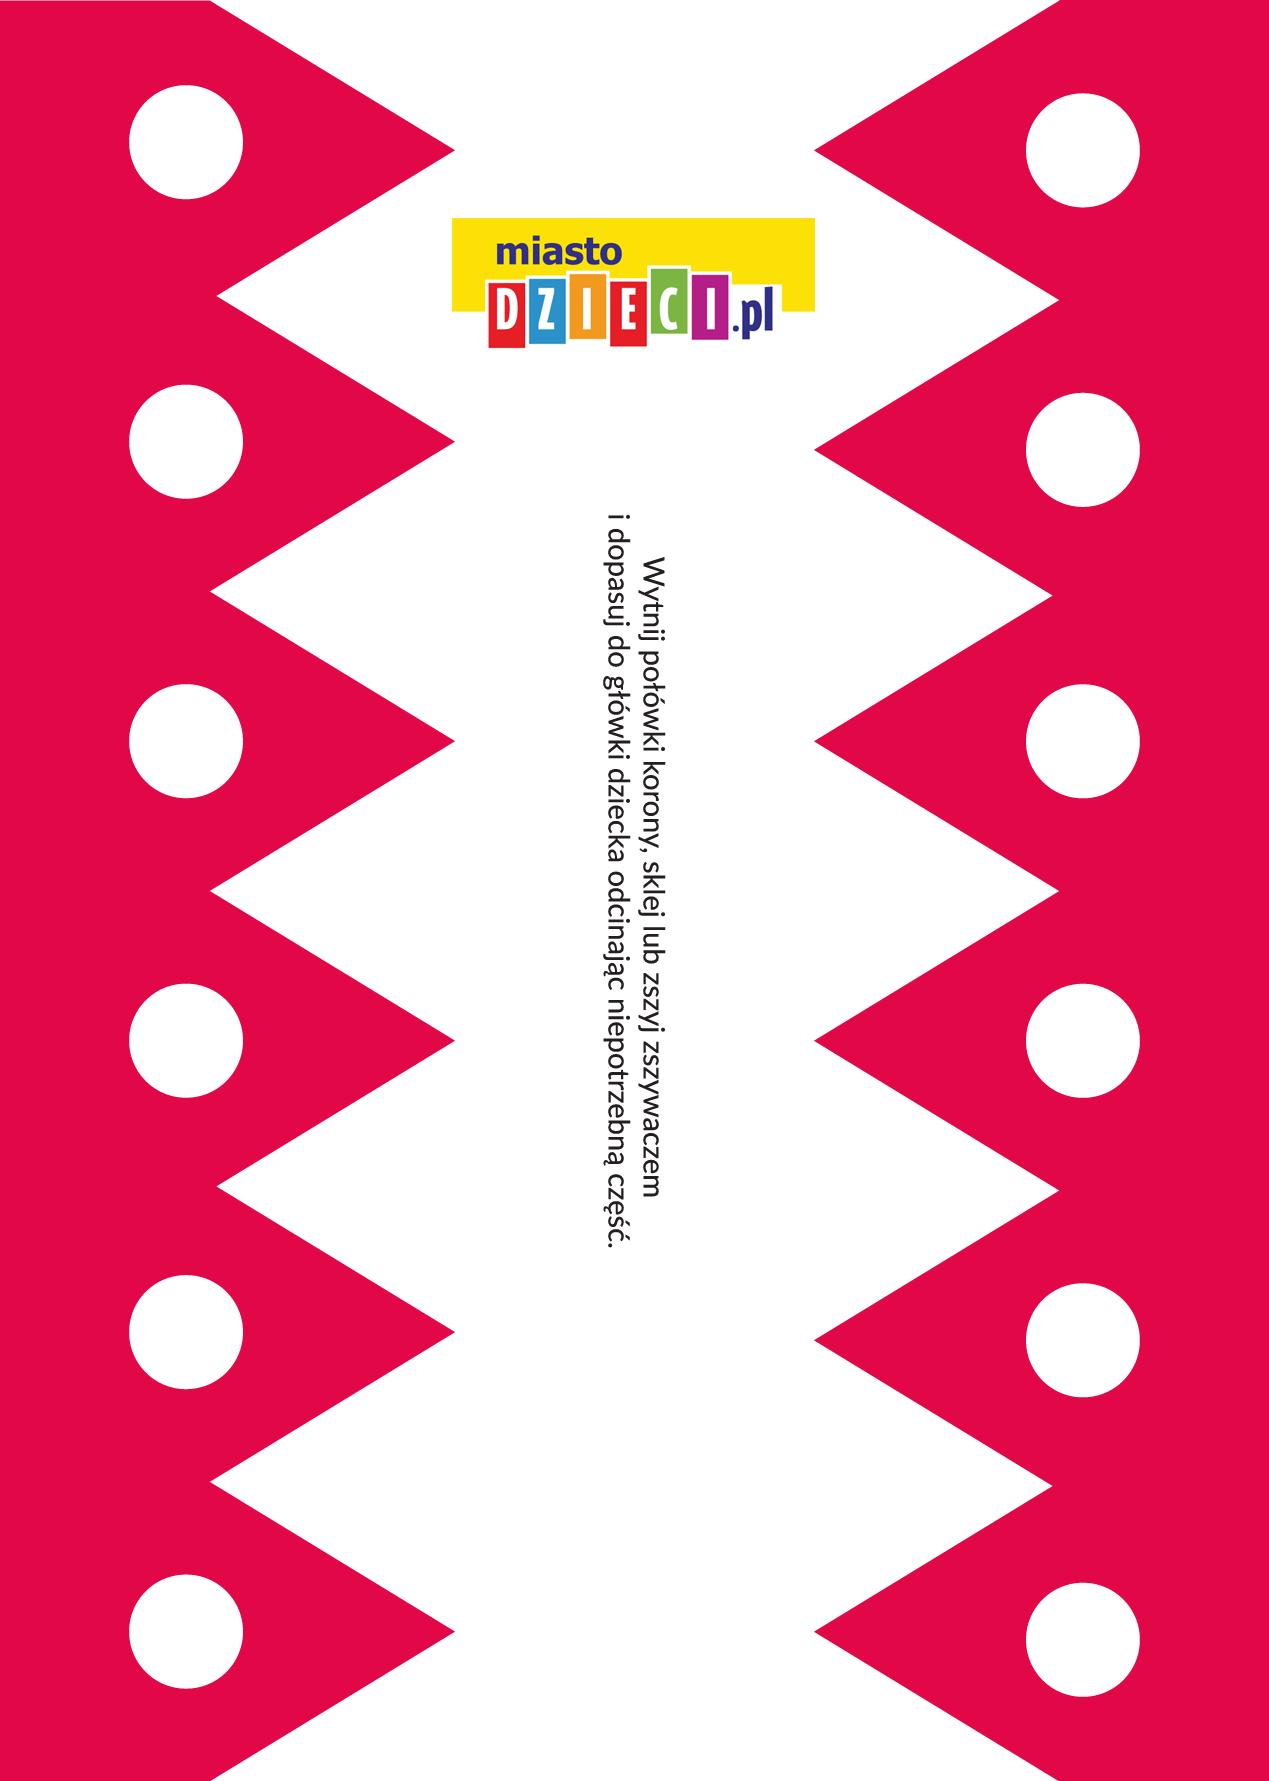 czerwona korona dla dziecka - szablon bezpłatny szablony do druku dla dzieci MiastoDzieci.pl